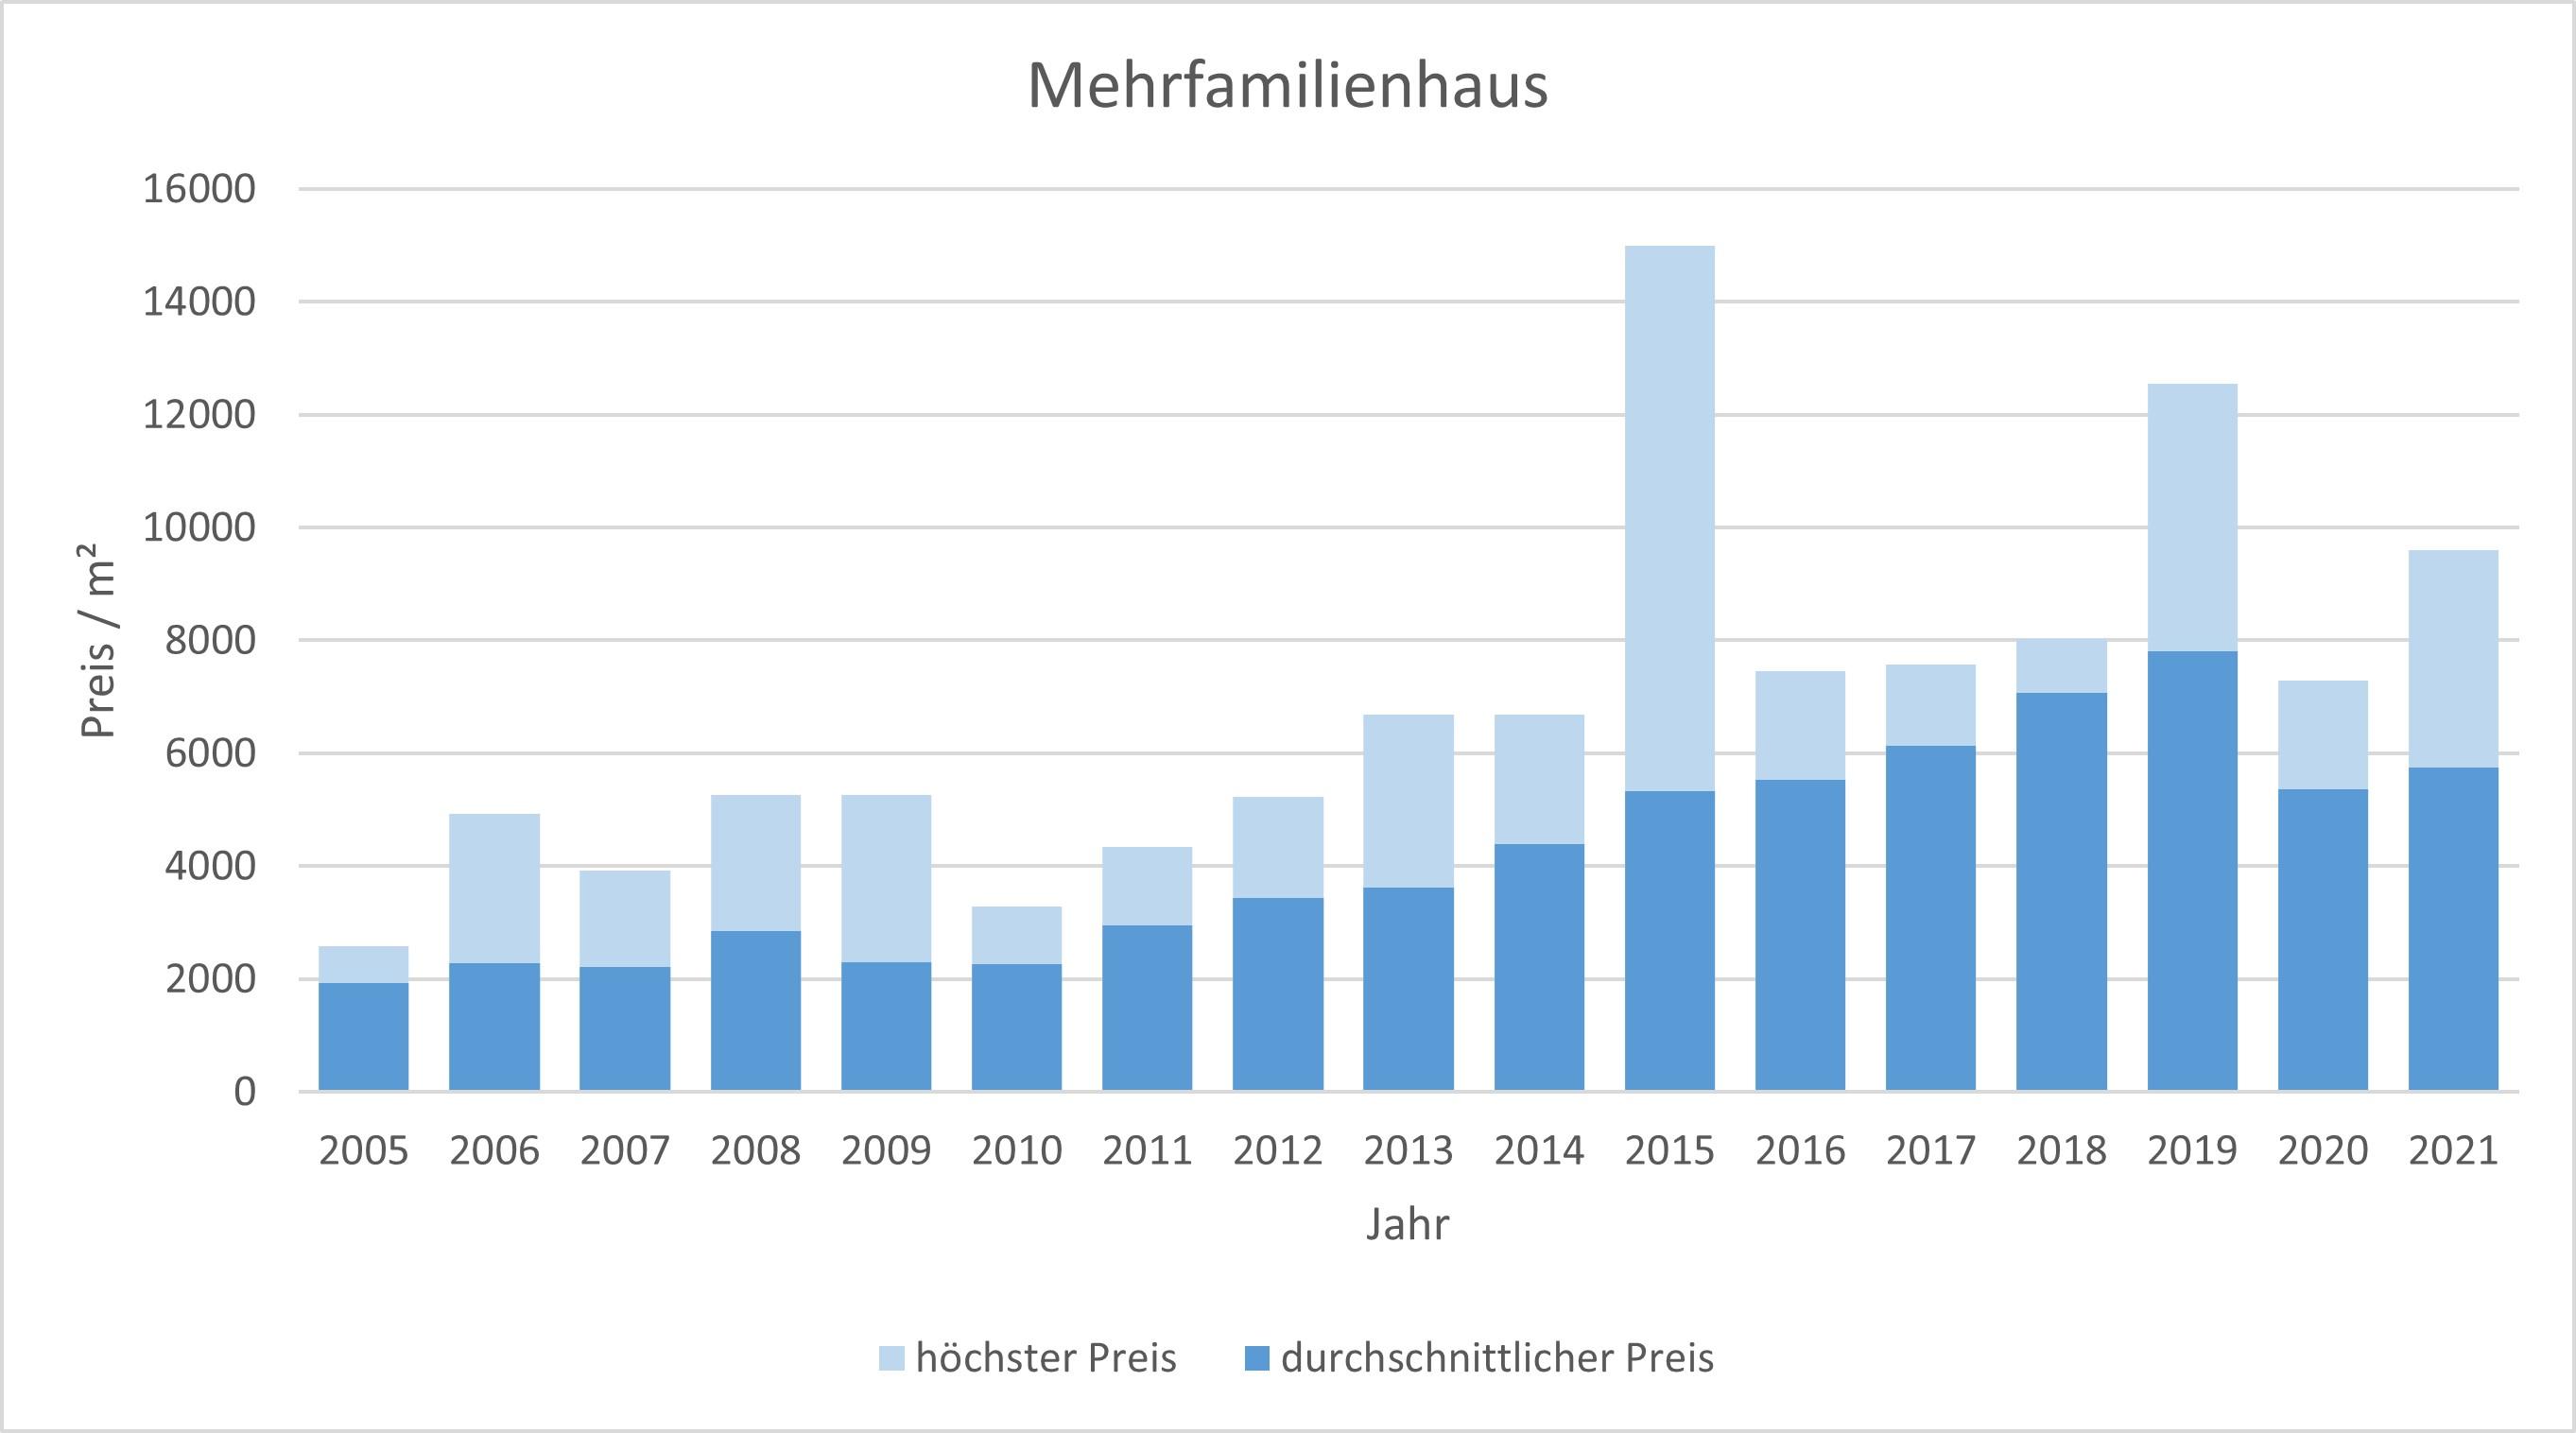 München - Moosach Mehrfamilienhaus kaufen verkaufen Preis Bewertung Makler 2019 2020 2021 www.happy-immo.de